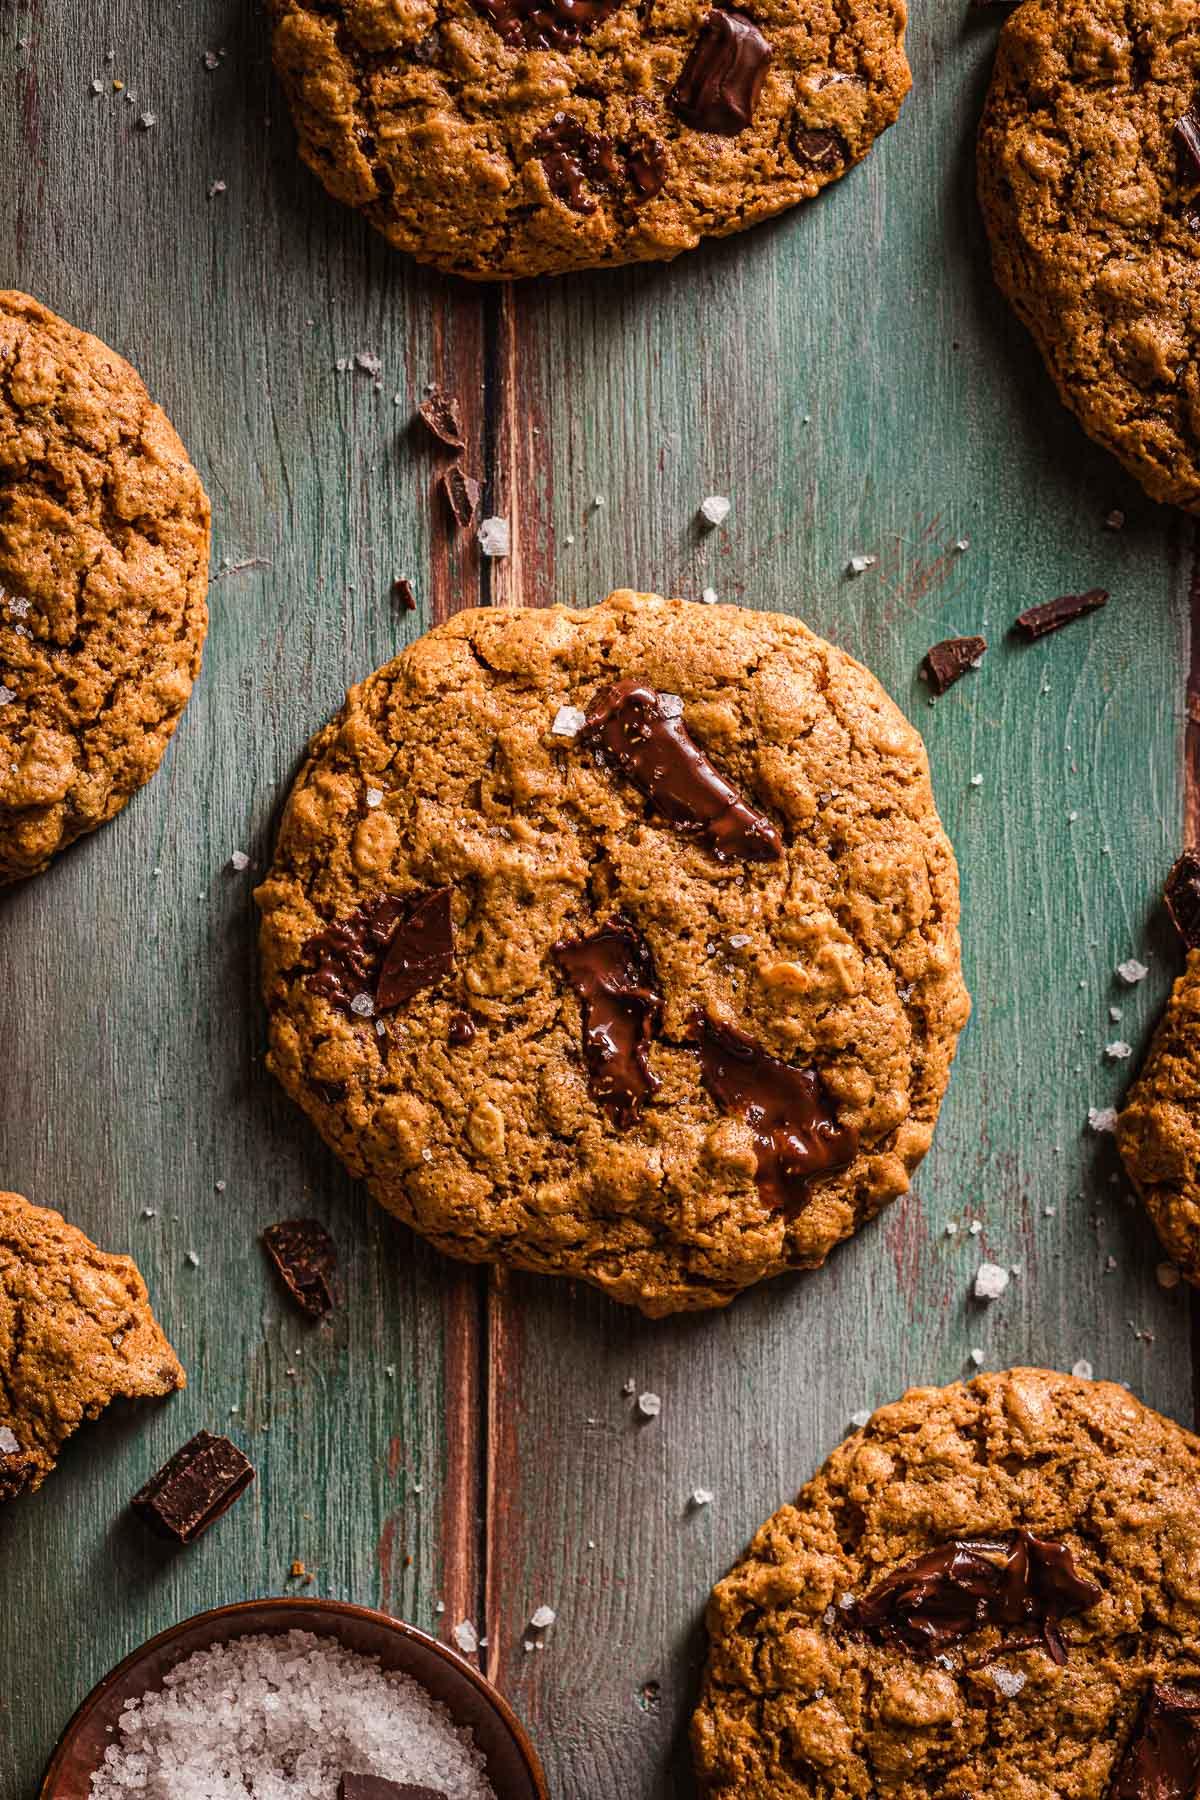 Cookies vegani senza glutine al cioccolato senza olio e ricchi di cioccolato senza zucchero raffinato integrali e sani Healthy Vegan Oatmeal Chocolate Chip Cookies